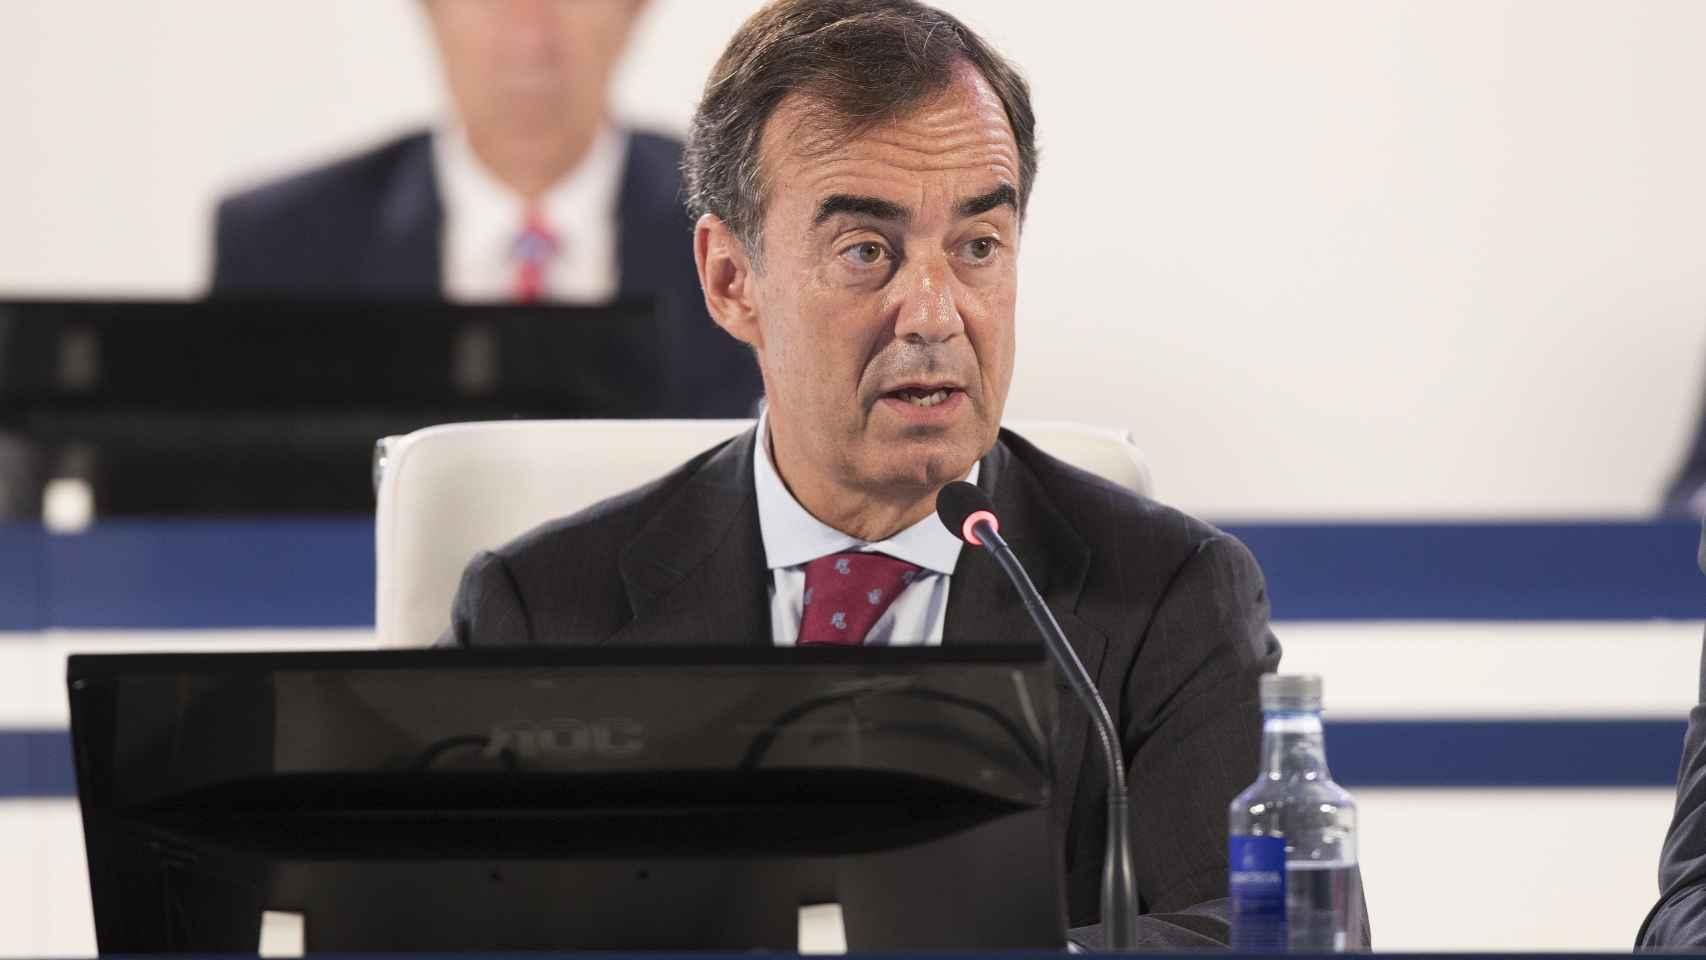 Juan Villar-Mir de Fuentes, vicepresidente y consejero delegado de Grupo Villar Mir.